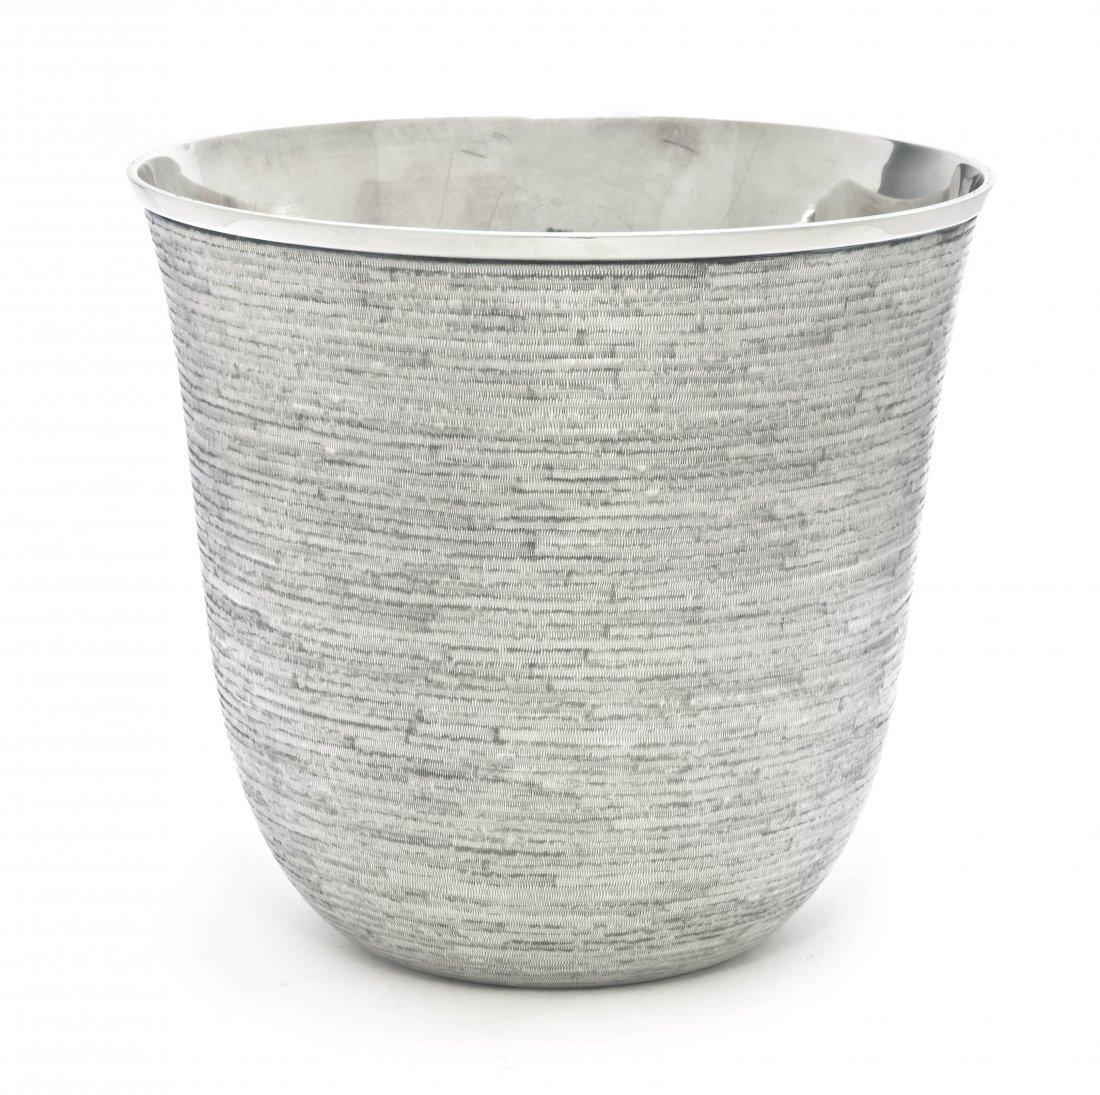 191: An Italian Silver Ice Bucket, Buccellati, Height 5